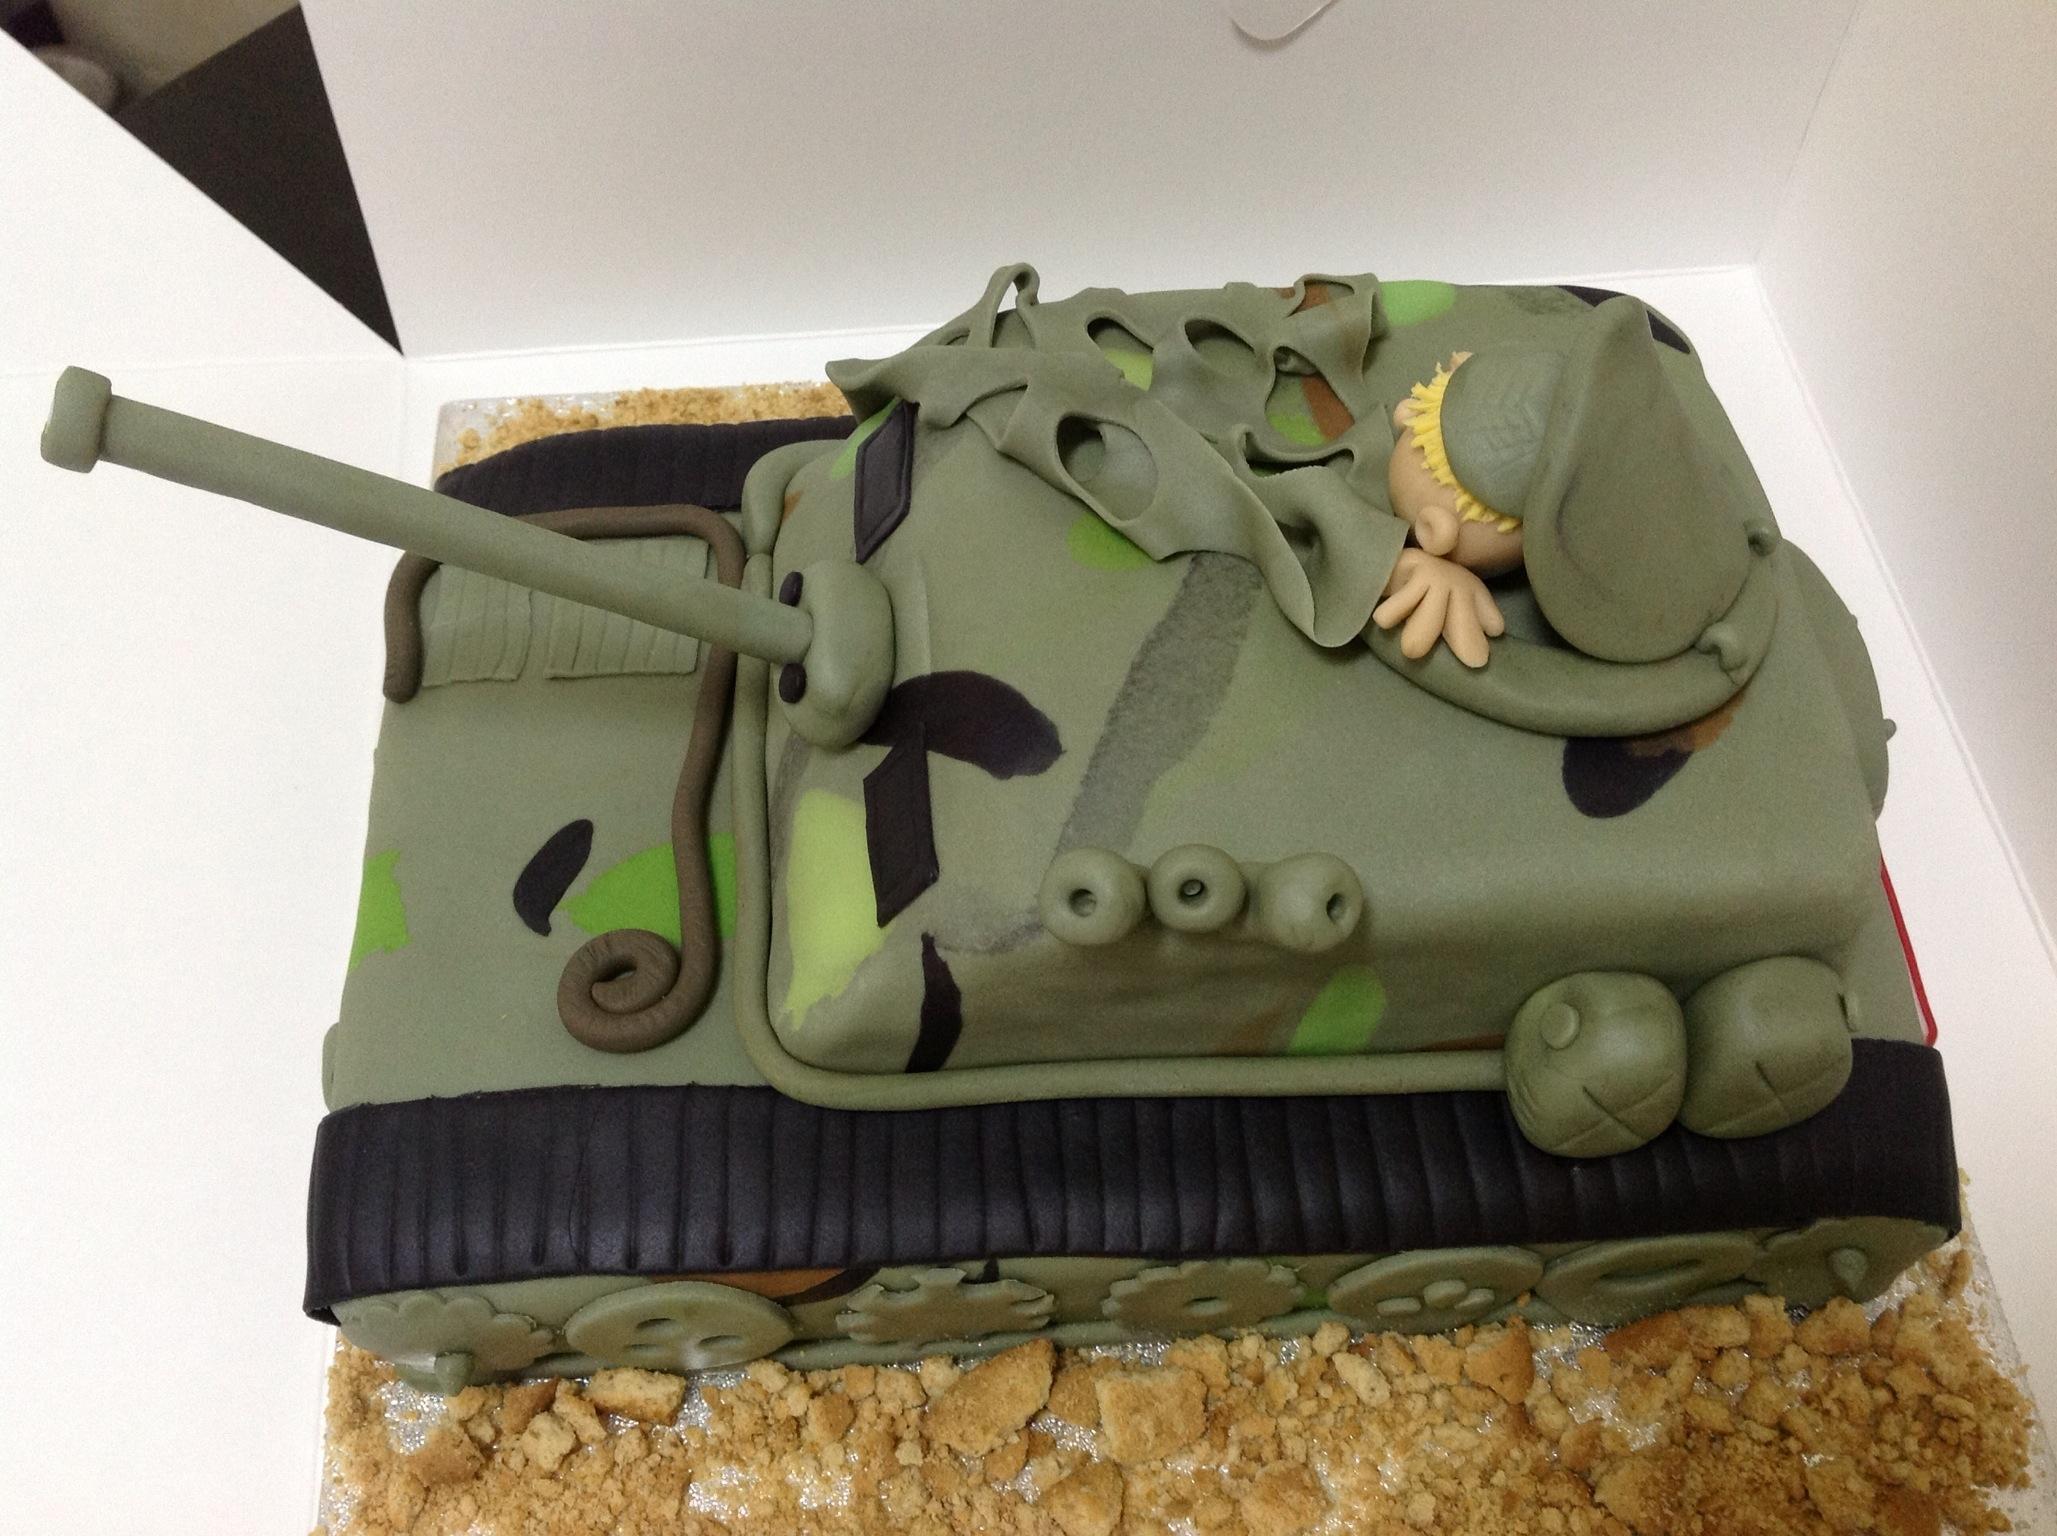 Tank Birthday Cake Recipe